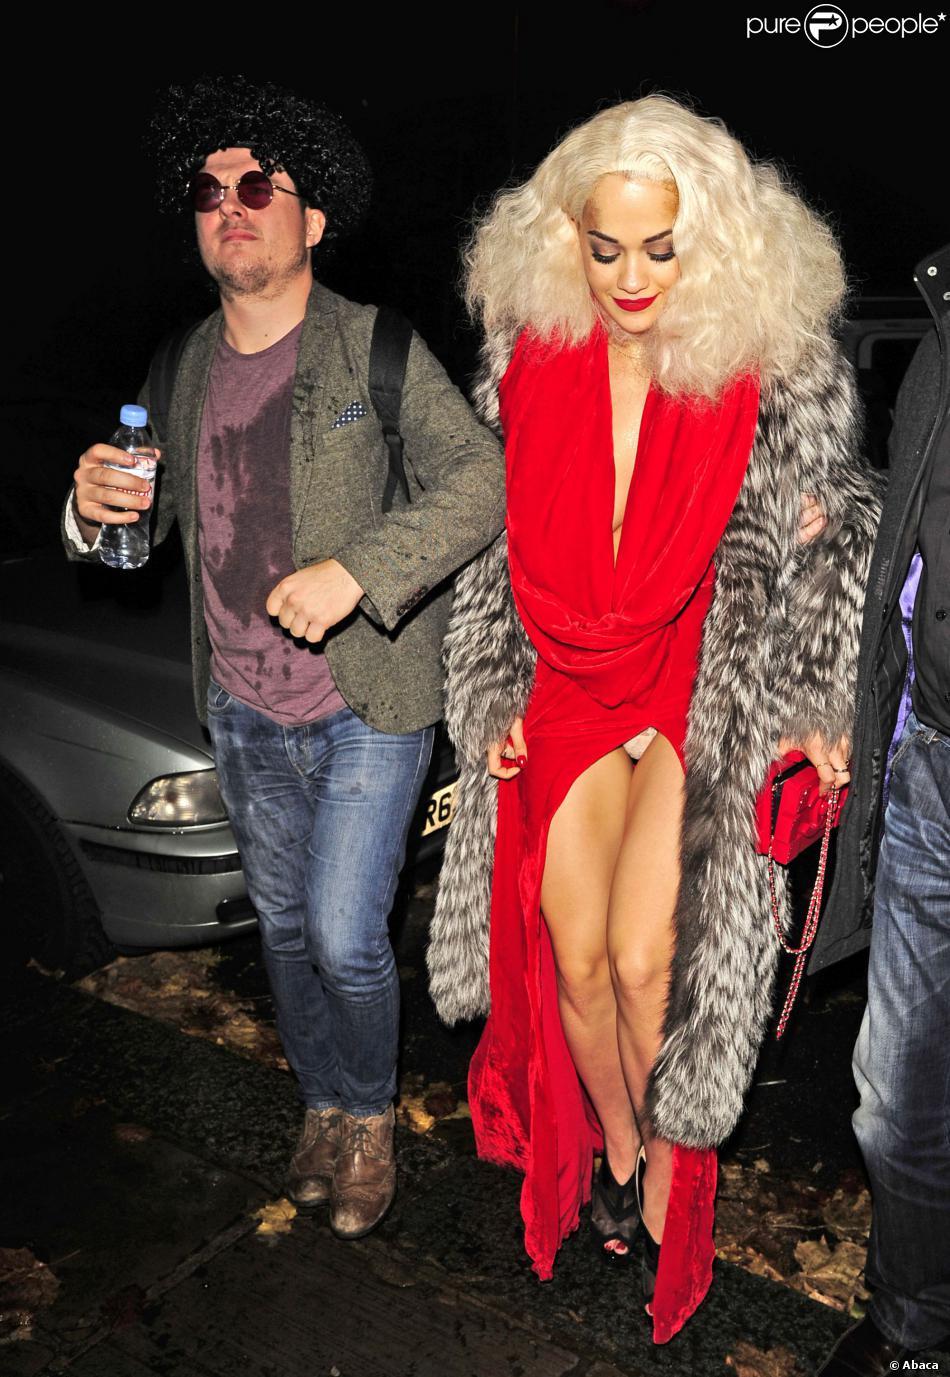 Rita Ora arrive à The Box où a lieu sa soirée d'anniversaire. Londres, le 26 novembre 2013.